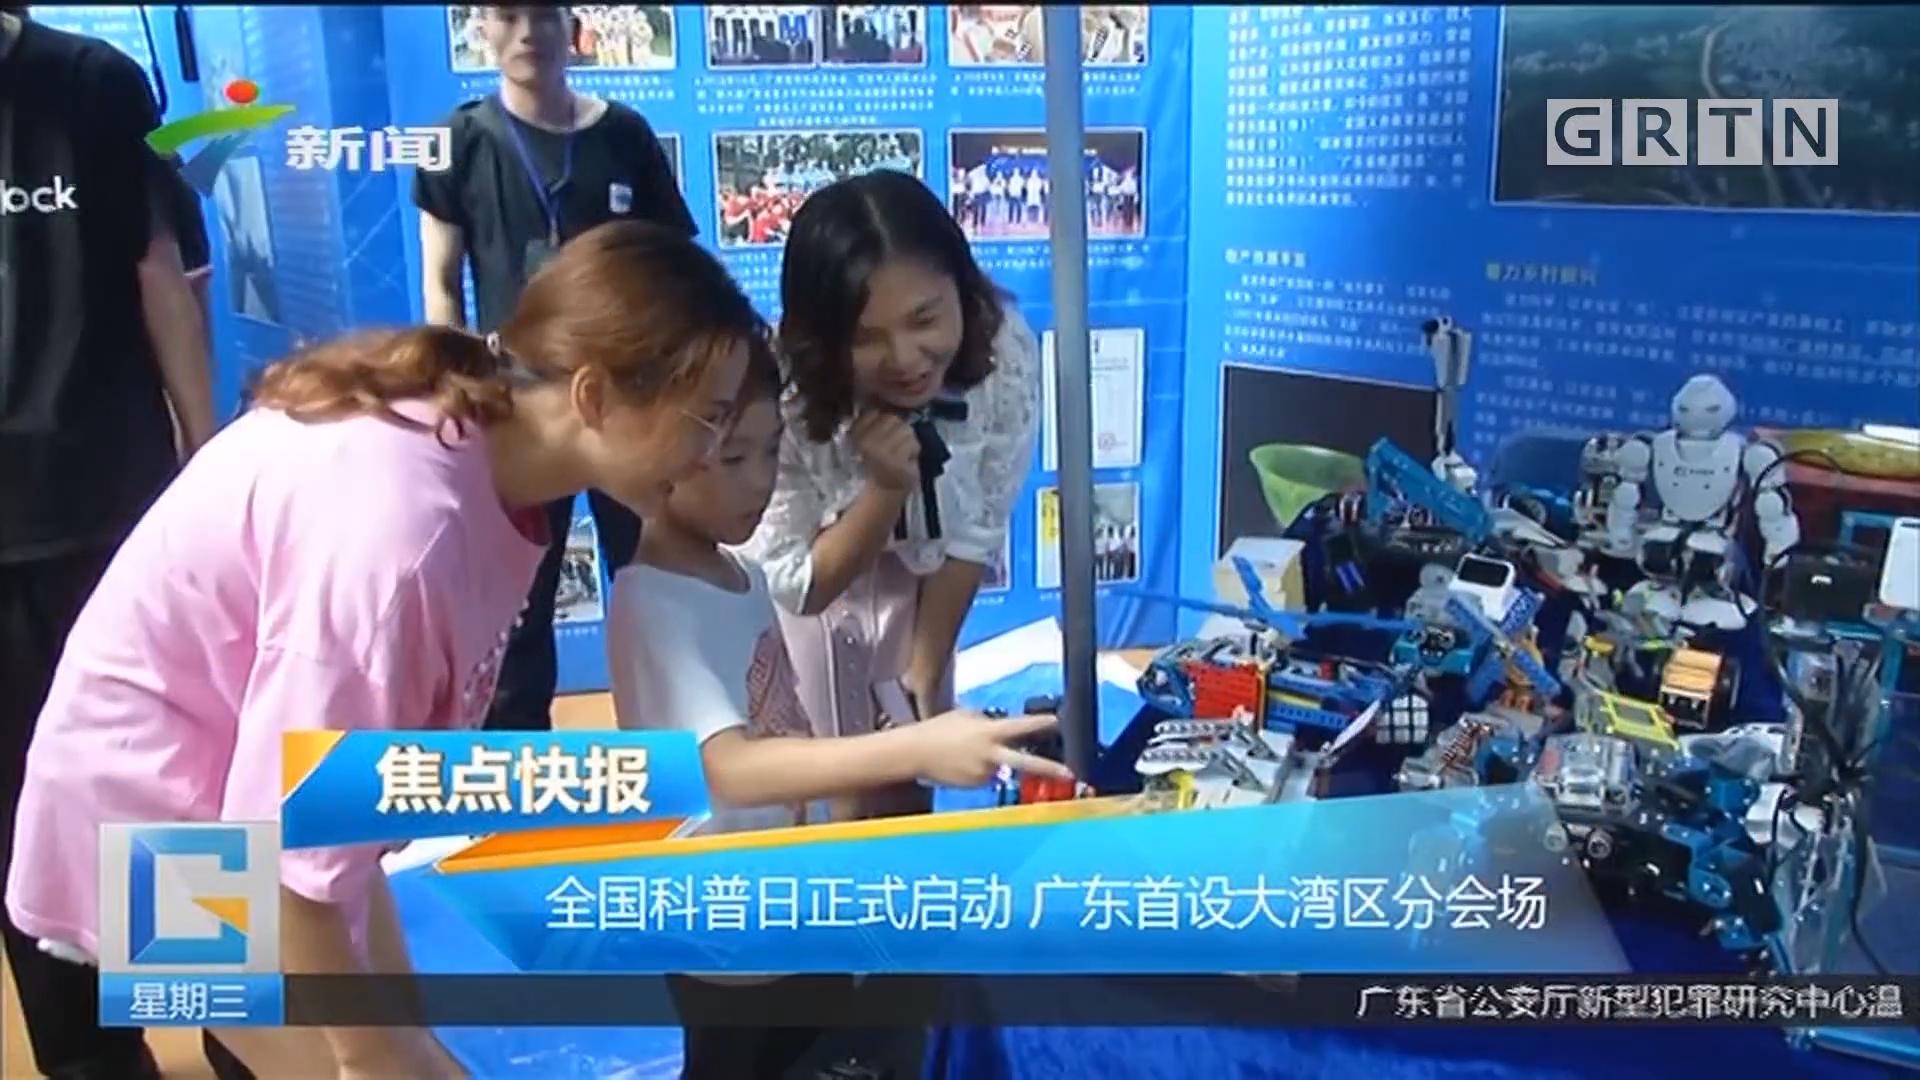 全国科普日正式启动 广东首设大湾区分会场